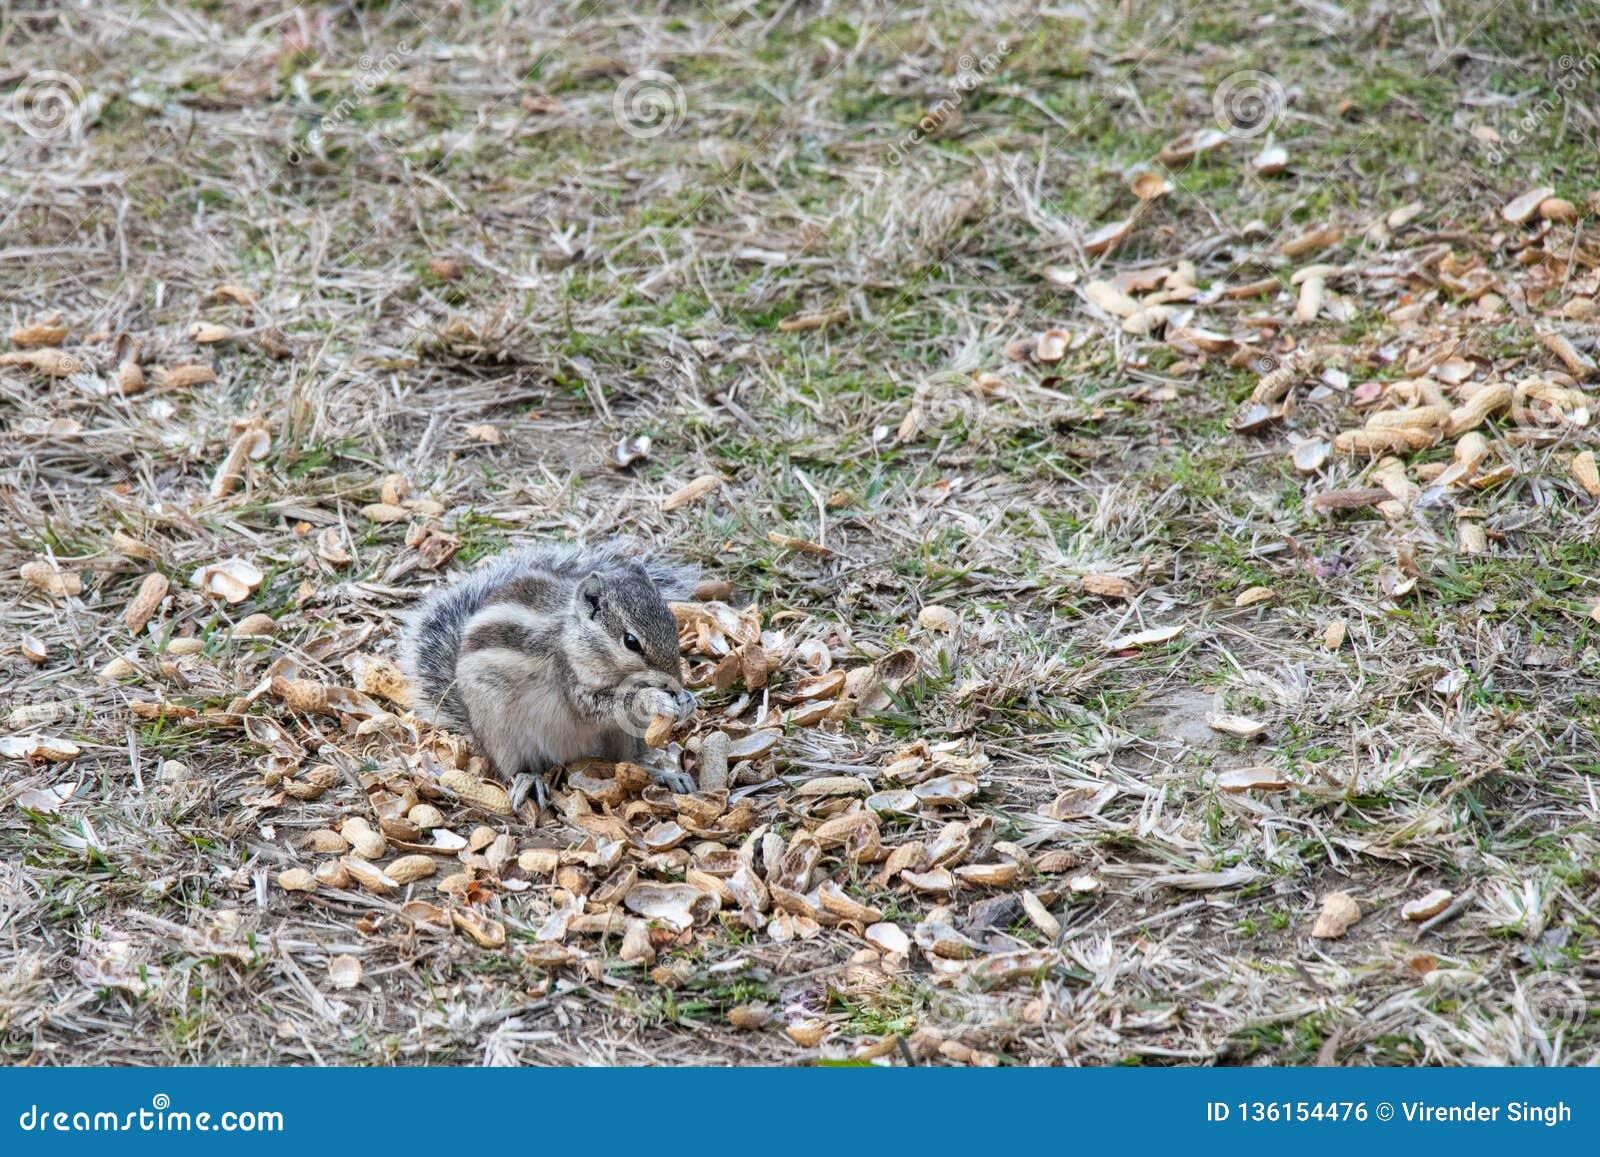 Белки есть арахисы снаружи